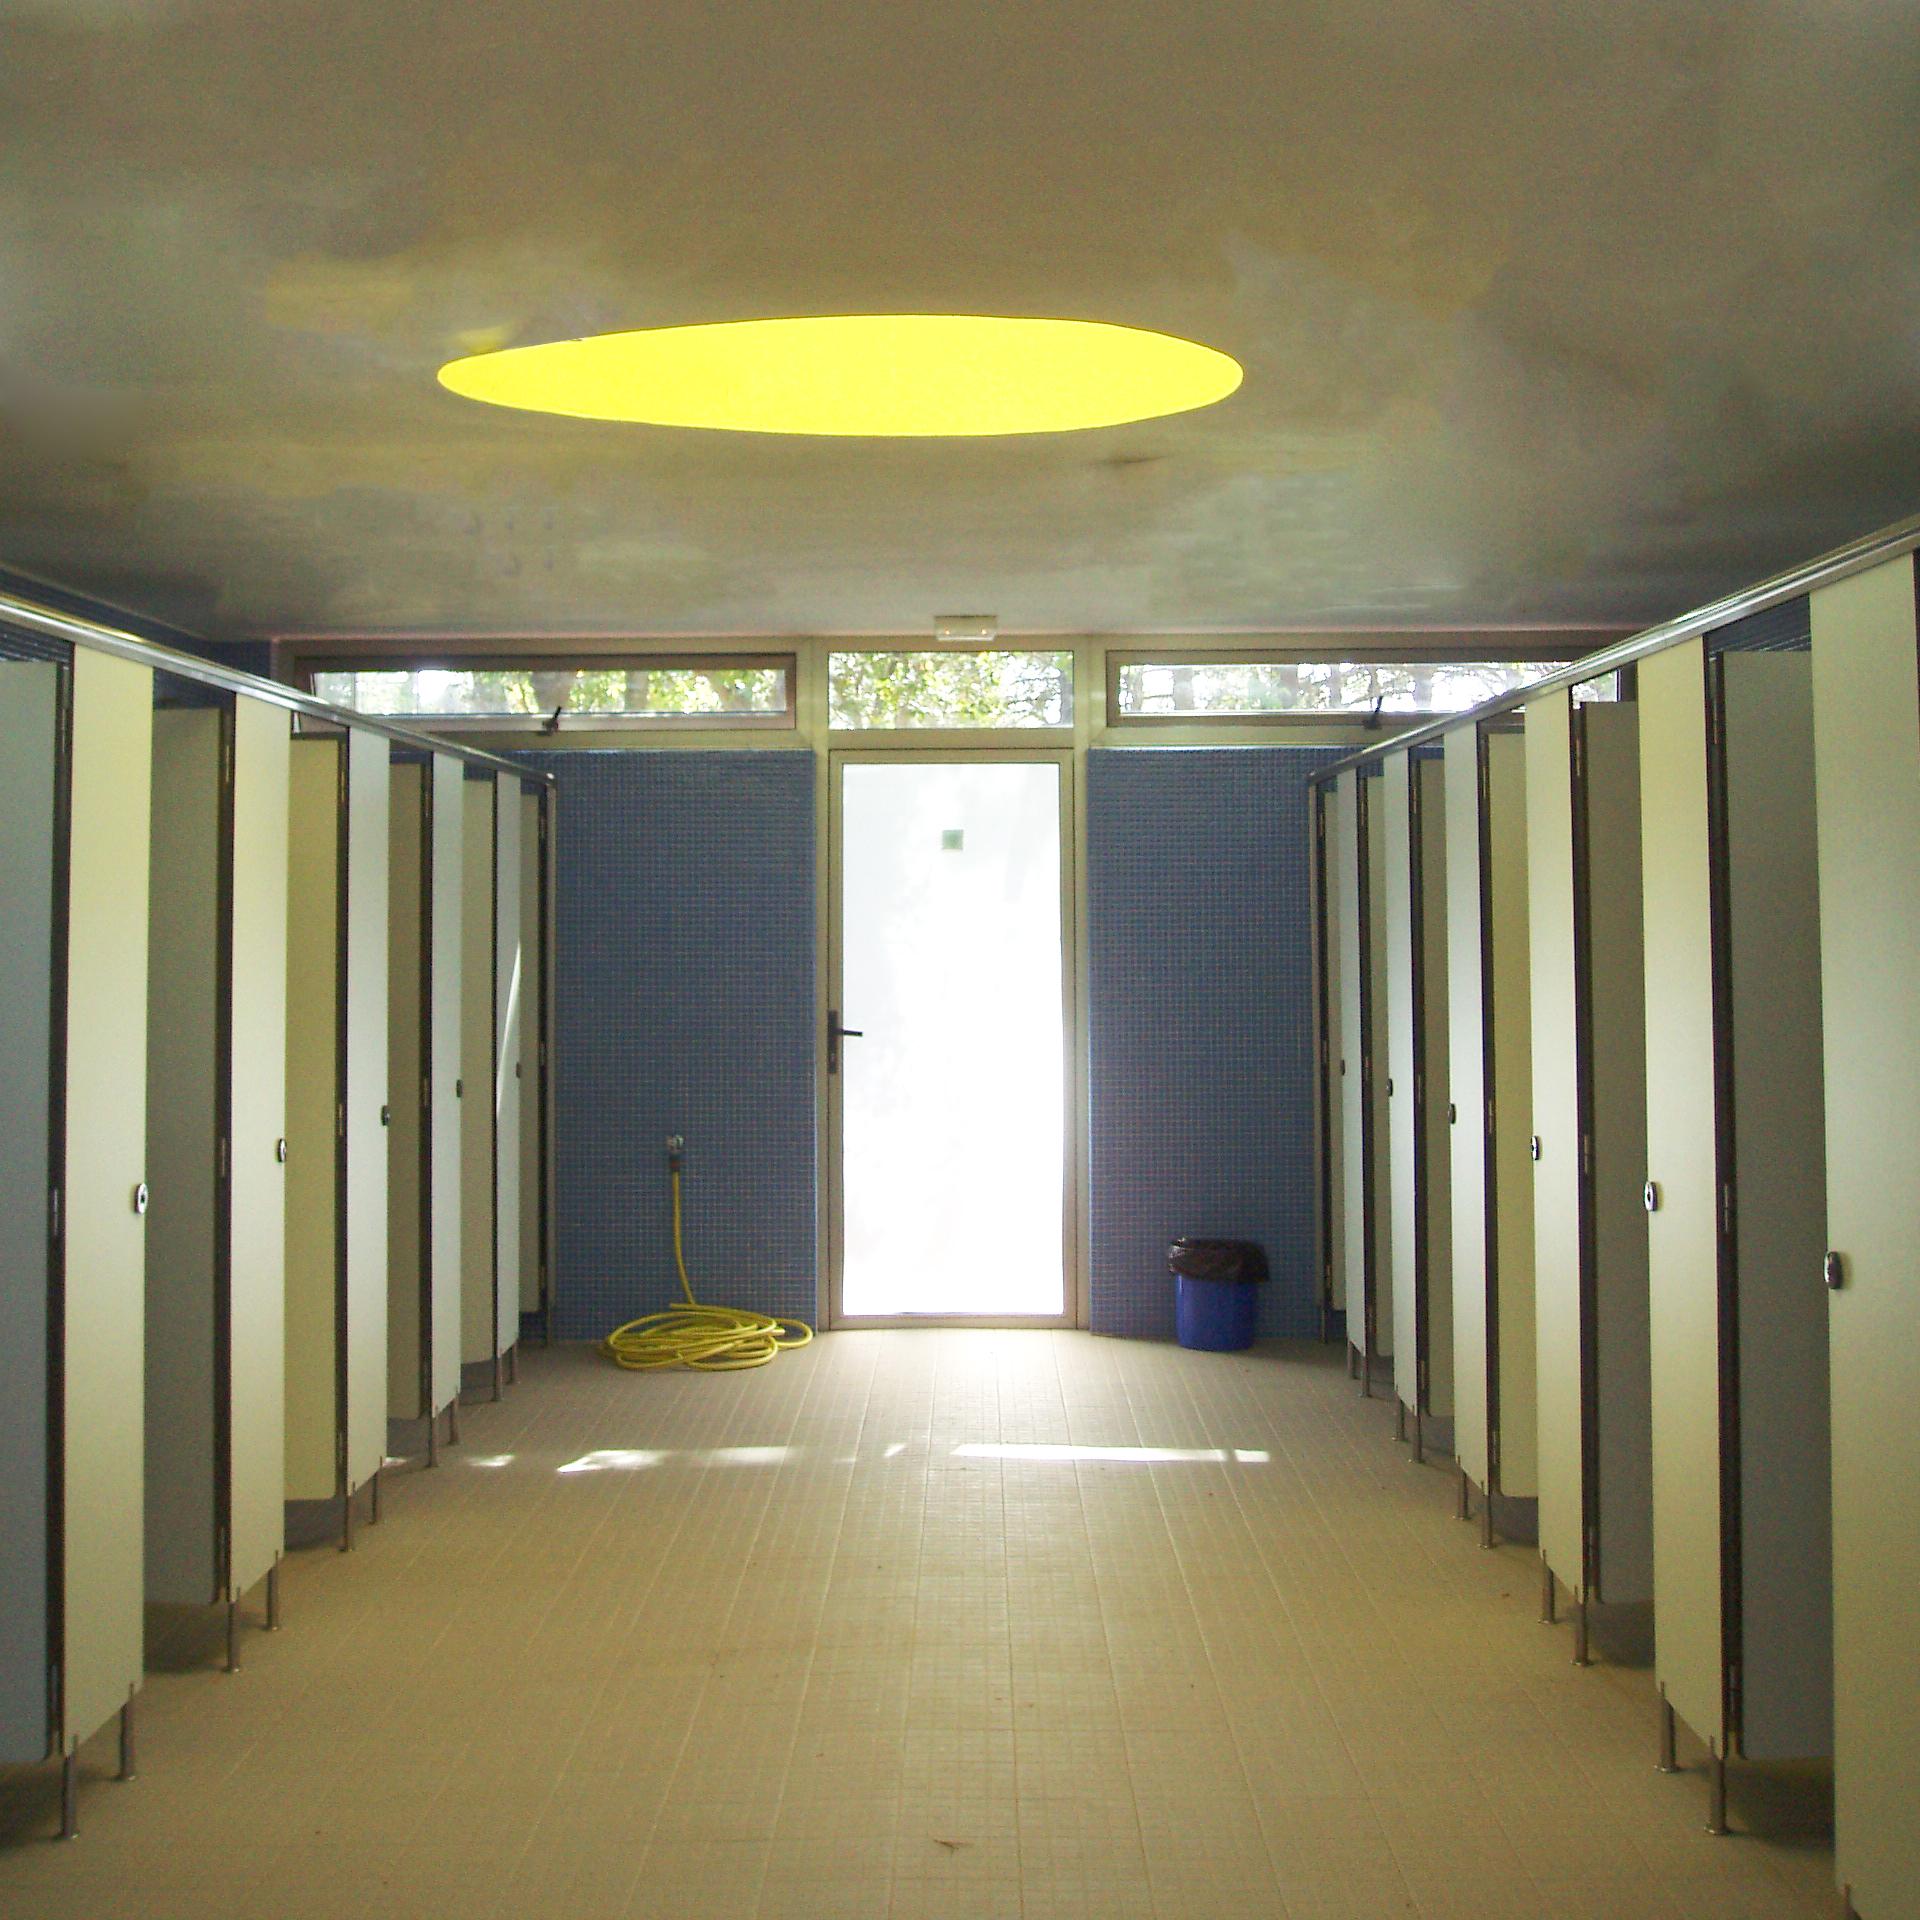 DUCH  AS /  HOT SHOWERS    El Camping Coroso dispone de varios bloques de duchas con agua caliente gratuita para los campistas /  Camping Coroso offers showers with free hot water for campers.